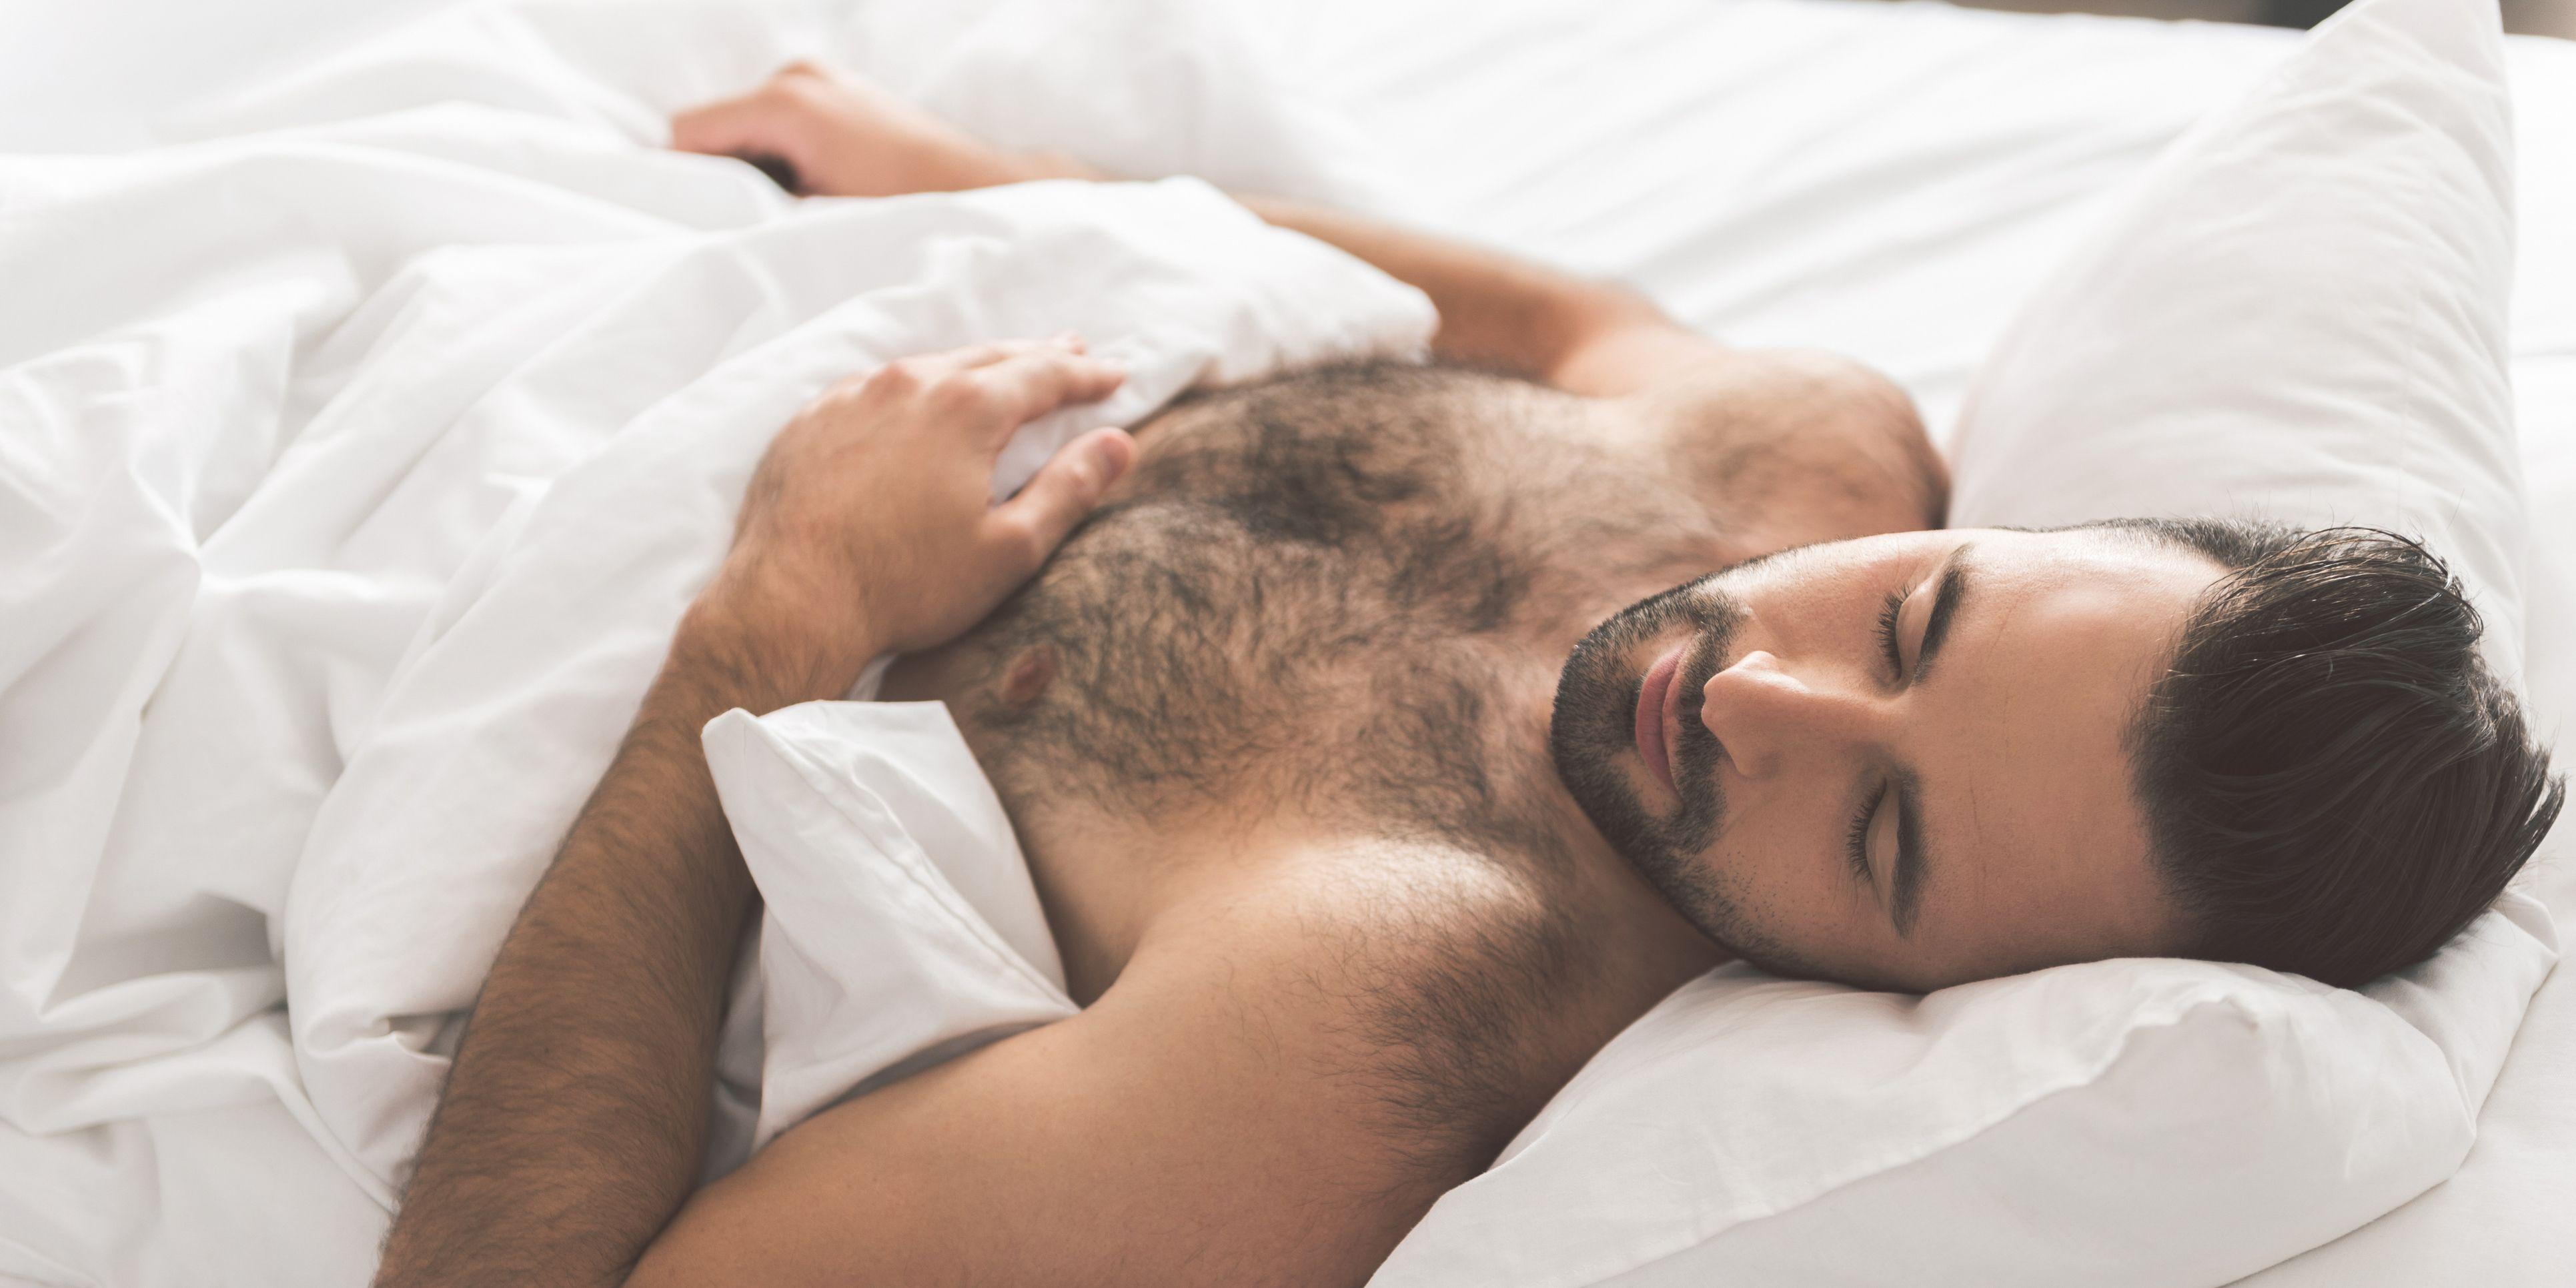 Relaxed guy having nap on white bedding